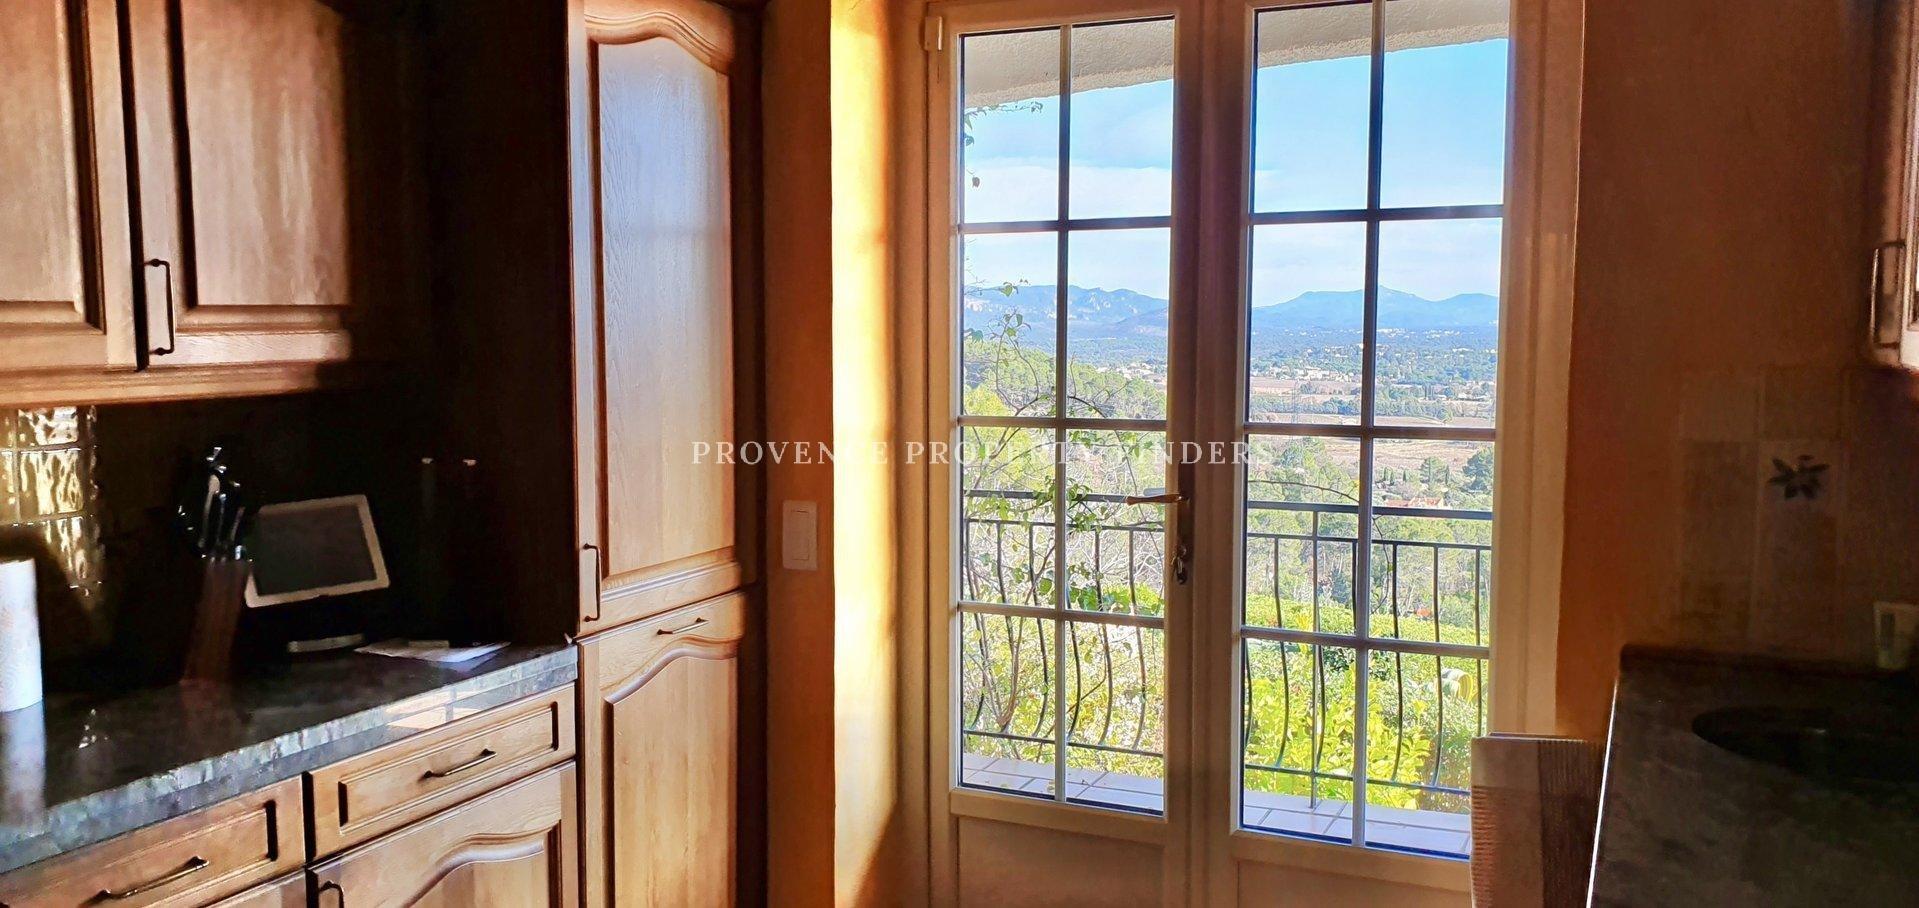 La Motte. Prachtige villa met uitzonderlijk mooi uitzicht.